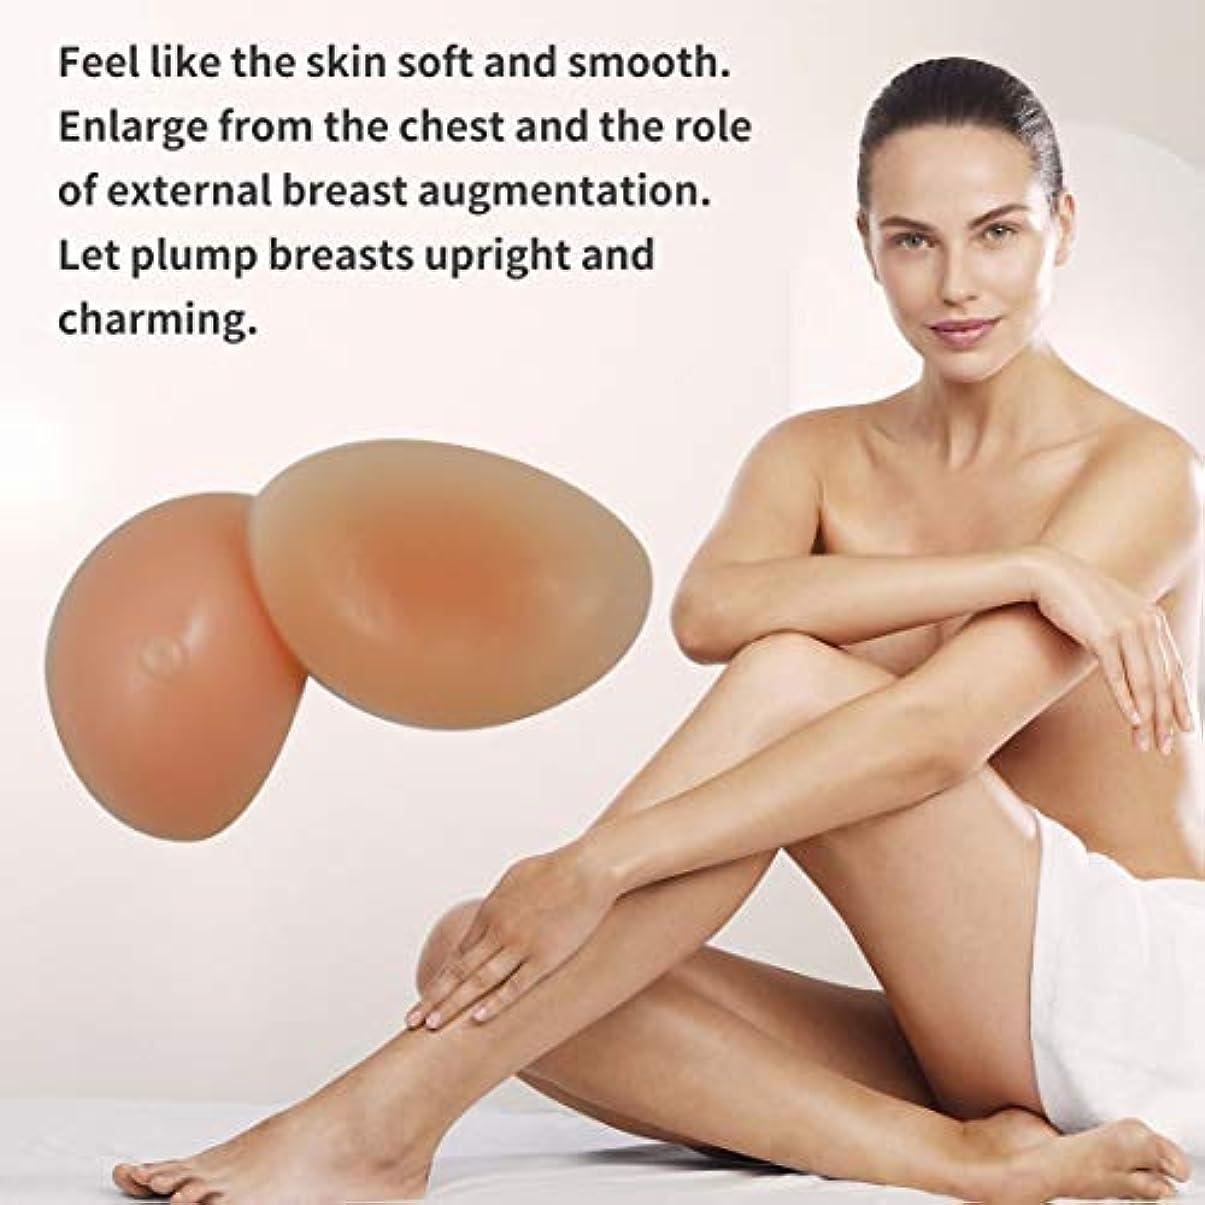 名前で理容室スポーツシリコーンフォーム偽乳房エンハンサープッシュアップパッドブースターブラインサート人工乳房リアルな防水シリコーン乳房フォーム